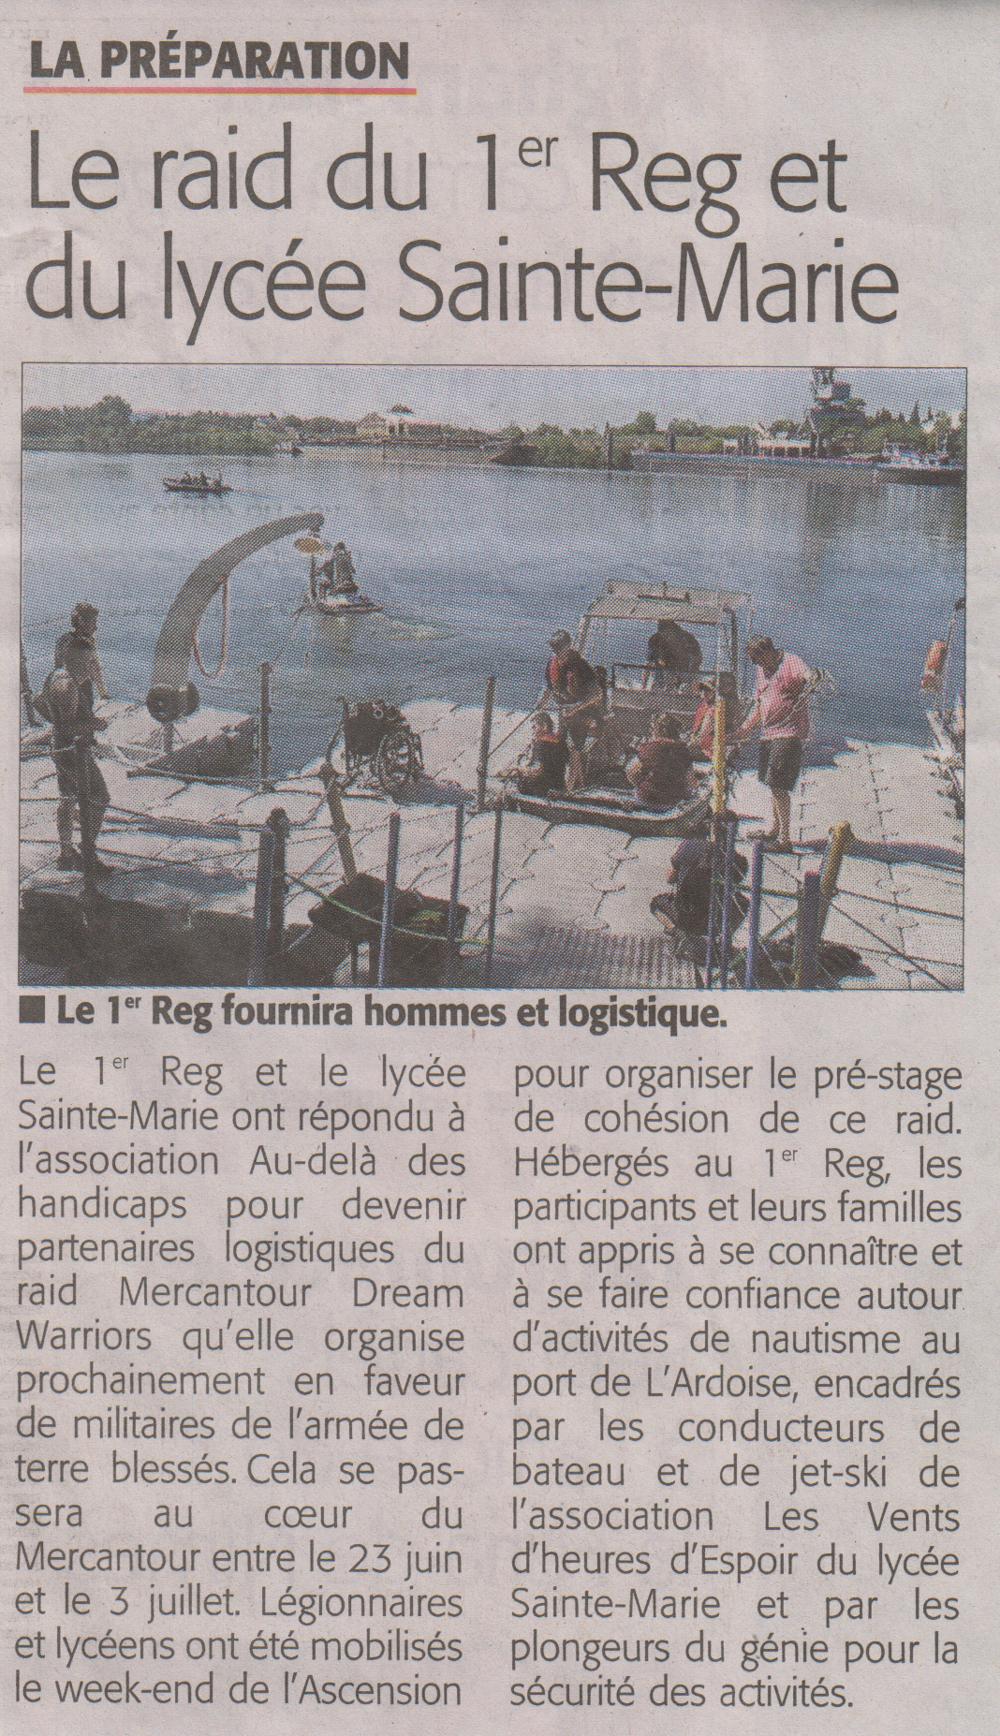 Le-raid-du-1er-Reg-et-du-lycée-Sainte-Marie